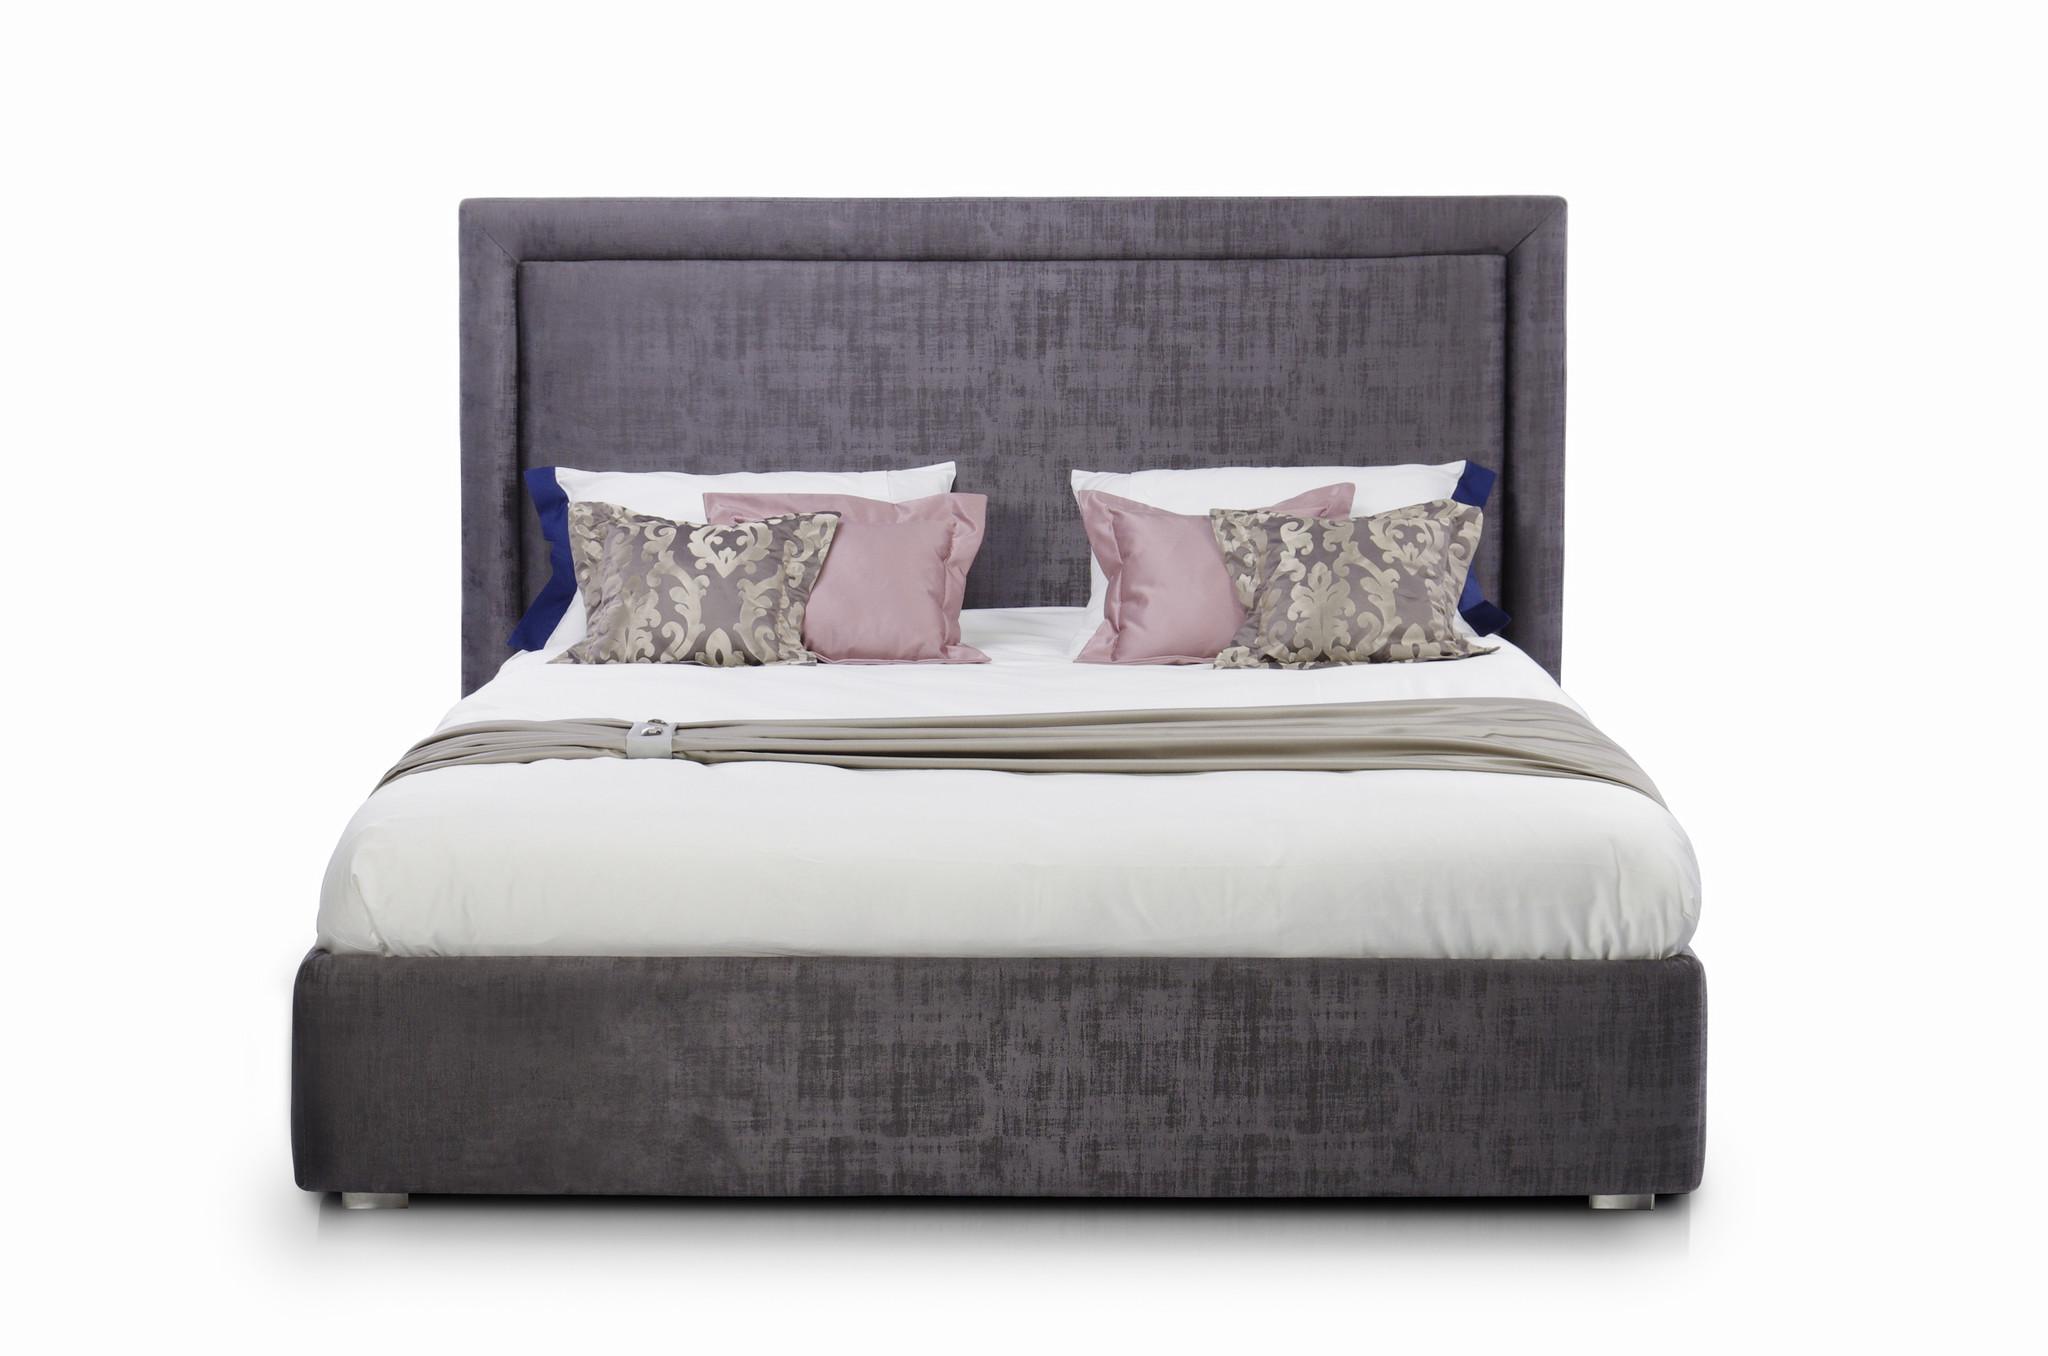 Кровать  La MusicaКровати с мягким изголовьем<br>&amp;lt;div&amp;gt;&amp;lt;span style=&amp;quot;font-size: 14px;&amp;quot;&amp;gt;Элемент дизайна: четкая лаконичная форма,позволяющая вписать кровать в любой &amp;amp;nbsp;современный либо классический интерьер.&amp;lt;/span&amp;gt;&amp;lt;br&amp;gt;&amp;lt;/div&amp;gt;&amp;lt;div&amp;gt;&amp;lt;span style=&amp;quot;font-size: 14px;&amp;quot;&amp;gt;Ортопедическое основание входит в комплект&amp;amp;nbsp;&amp;lt;/span&amp;gt;&amp;lt;br&amp;gt;&amp;lt;/div&amp;gt;&amp;lt;div&amp;gt;&amp;lt;span style=&amp;quot;font-size: 14px;&amp;quot;&amp;gt;Спальное место 200х160 см. &amp;amp;nbsp; &amp;amp;nbsp; &amp;amp;nbsp; &amp;amp;nbsp; &amp;amp;nbsp; &amp;amp;nbsp;&amp;amp;nbsp;&amp;lt;/span&amp;gt;&amp;lt;br&amp;gt;&amp;lt;/div&amp;gt;&amp;lt;div&amp;gt;&amp;lt;span style=&amp;quot;font-size: 14px;&amp;quot;&amp;gt;&amp;lt;br&amp;gt;&amp;lt;/span&amp;gt;&amp;lt;/div&amp;gt;&amp;lt;div&amp;gt;Все чехлы съемные на липучках (можно чистить)&amp;lt;/div&amp;gt;&amp;lt;div&amp;gt;Матрас,постельное белье и декоративные подушки,плед в комплект не входят.&amp;amp;nbsp;&amp;lt;/div&amp;gt;&amp;lt;div&amp;gt;&amp;lt;br&amp;gt;&amp;lt;/div&amp;gt;&amp;lt;div&amp;gt;Опции:&amp;lt;/div&amp;gt;&amp;lt;div&amp;gt;&amp;lt;span style=&amp;quot;font-size: 14px;&amp;quot;&amp;gt;Возможна установка подъемного механизма.&amp;lt;/span&amp;gt;&amp;lt;br&amp;gt;&amp;lt;/div&amp;gt;&amp;lt;div&amp;gt;Варианты спальных мест&amp;lt;/div&amp;gt;&amp;lt;div&amp;gt;200х140&amp;lt;/div&amp;gt;&amp;lt;div&amp;gt;190х140 200х160&amp;lt;/div&amp;gt;&amp;lt;div&amp;gt;200х180&amp;lt;/div&amp;gt;&amp;lt;div&amp;gt;190х160&amp;lt;/div&amp;gt;&amp;lt;div&amp;gt;200х200&amp;lt;/div&amp;gt;&amp;lt;div&amp;gt;&amp;lt;span style=&amp;quot;font-size: 14px;&amp;quot;&amp;gt;Цены на опции и варианты исполнения декоративного чехла (цвета) уточняйте у менеджеров.&amp;lt;/span&amp;gt;&amp;lt;br&amp;gt;&amp;lt;/div&amp;gt;<br><br>Material: Текстиль<br>Length см: None<br>Wi